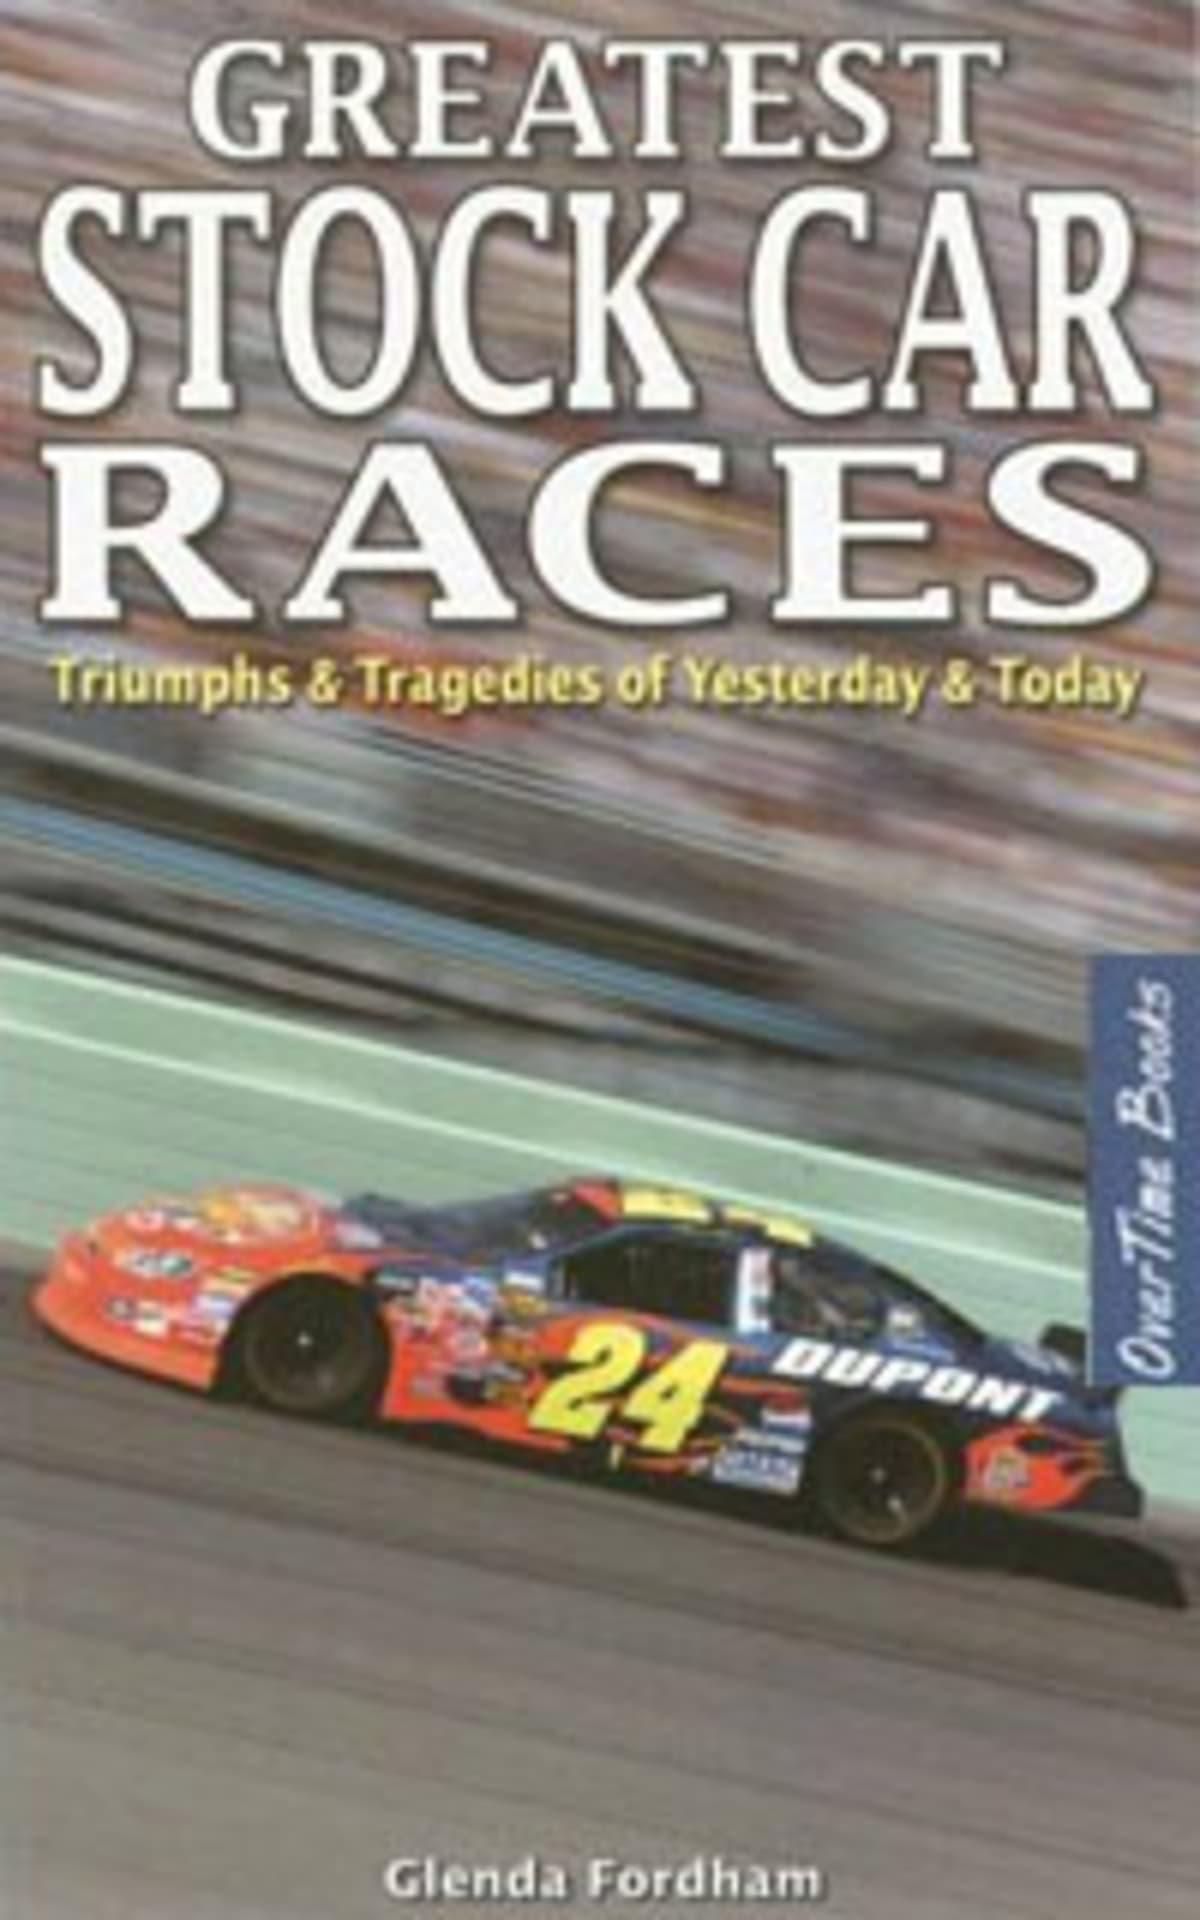 Greatest Stock Car Races